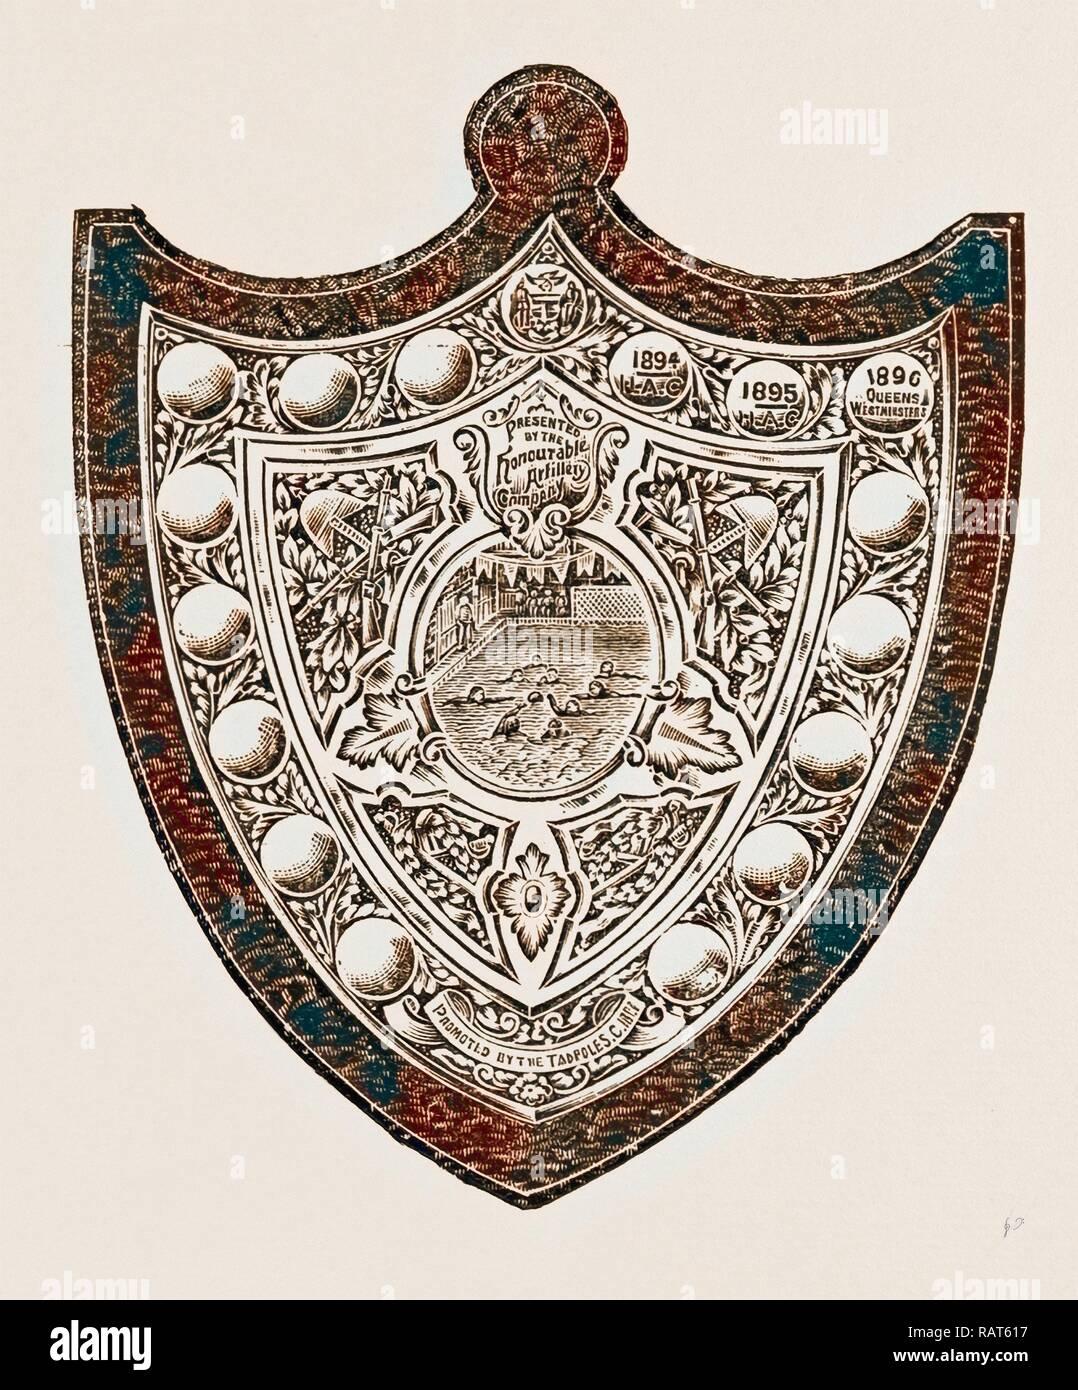 Ces éléments indiquent que l'Honorable Artillery ont remporté deux fois le bouclier et la reine une fois Westminsters. Les armoiries de repensé Photo Stock